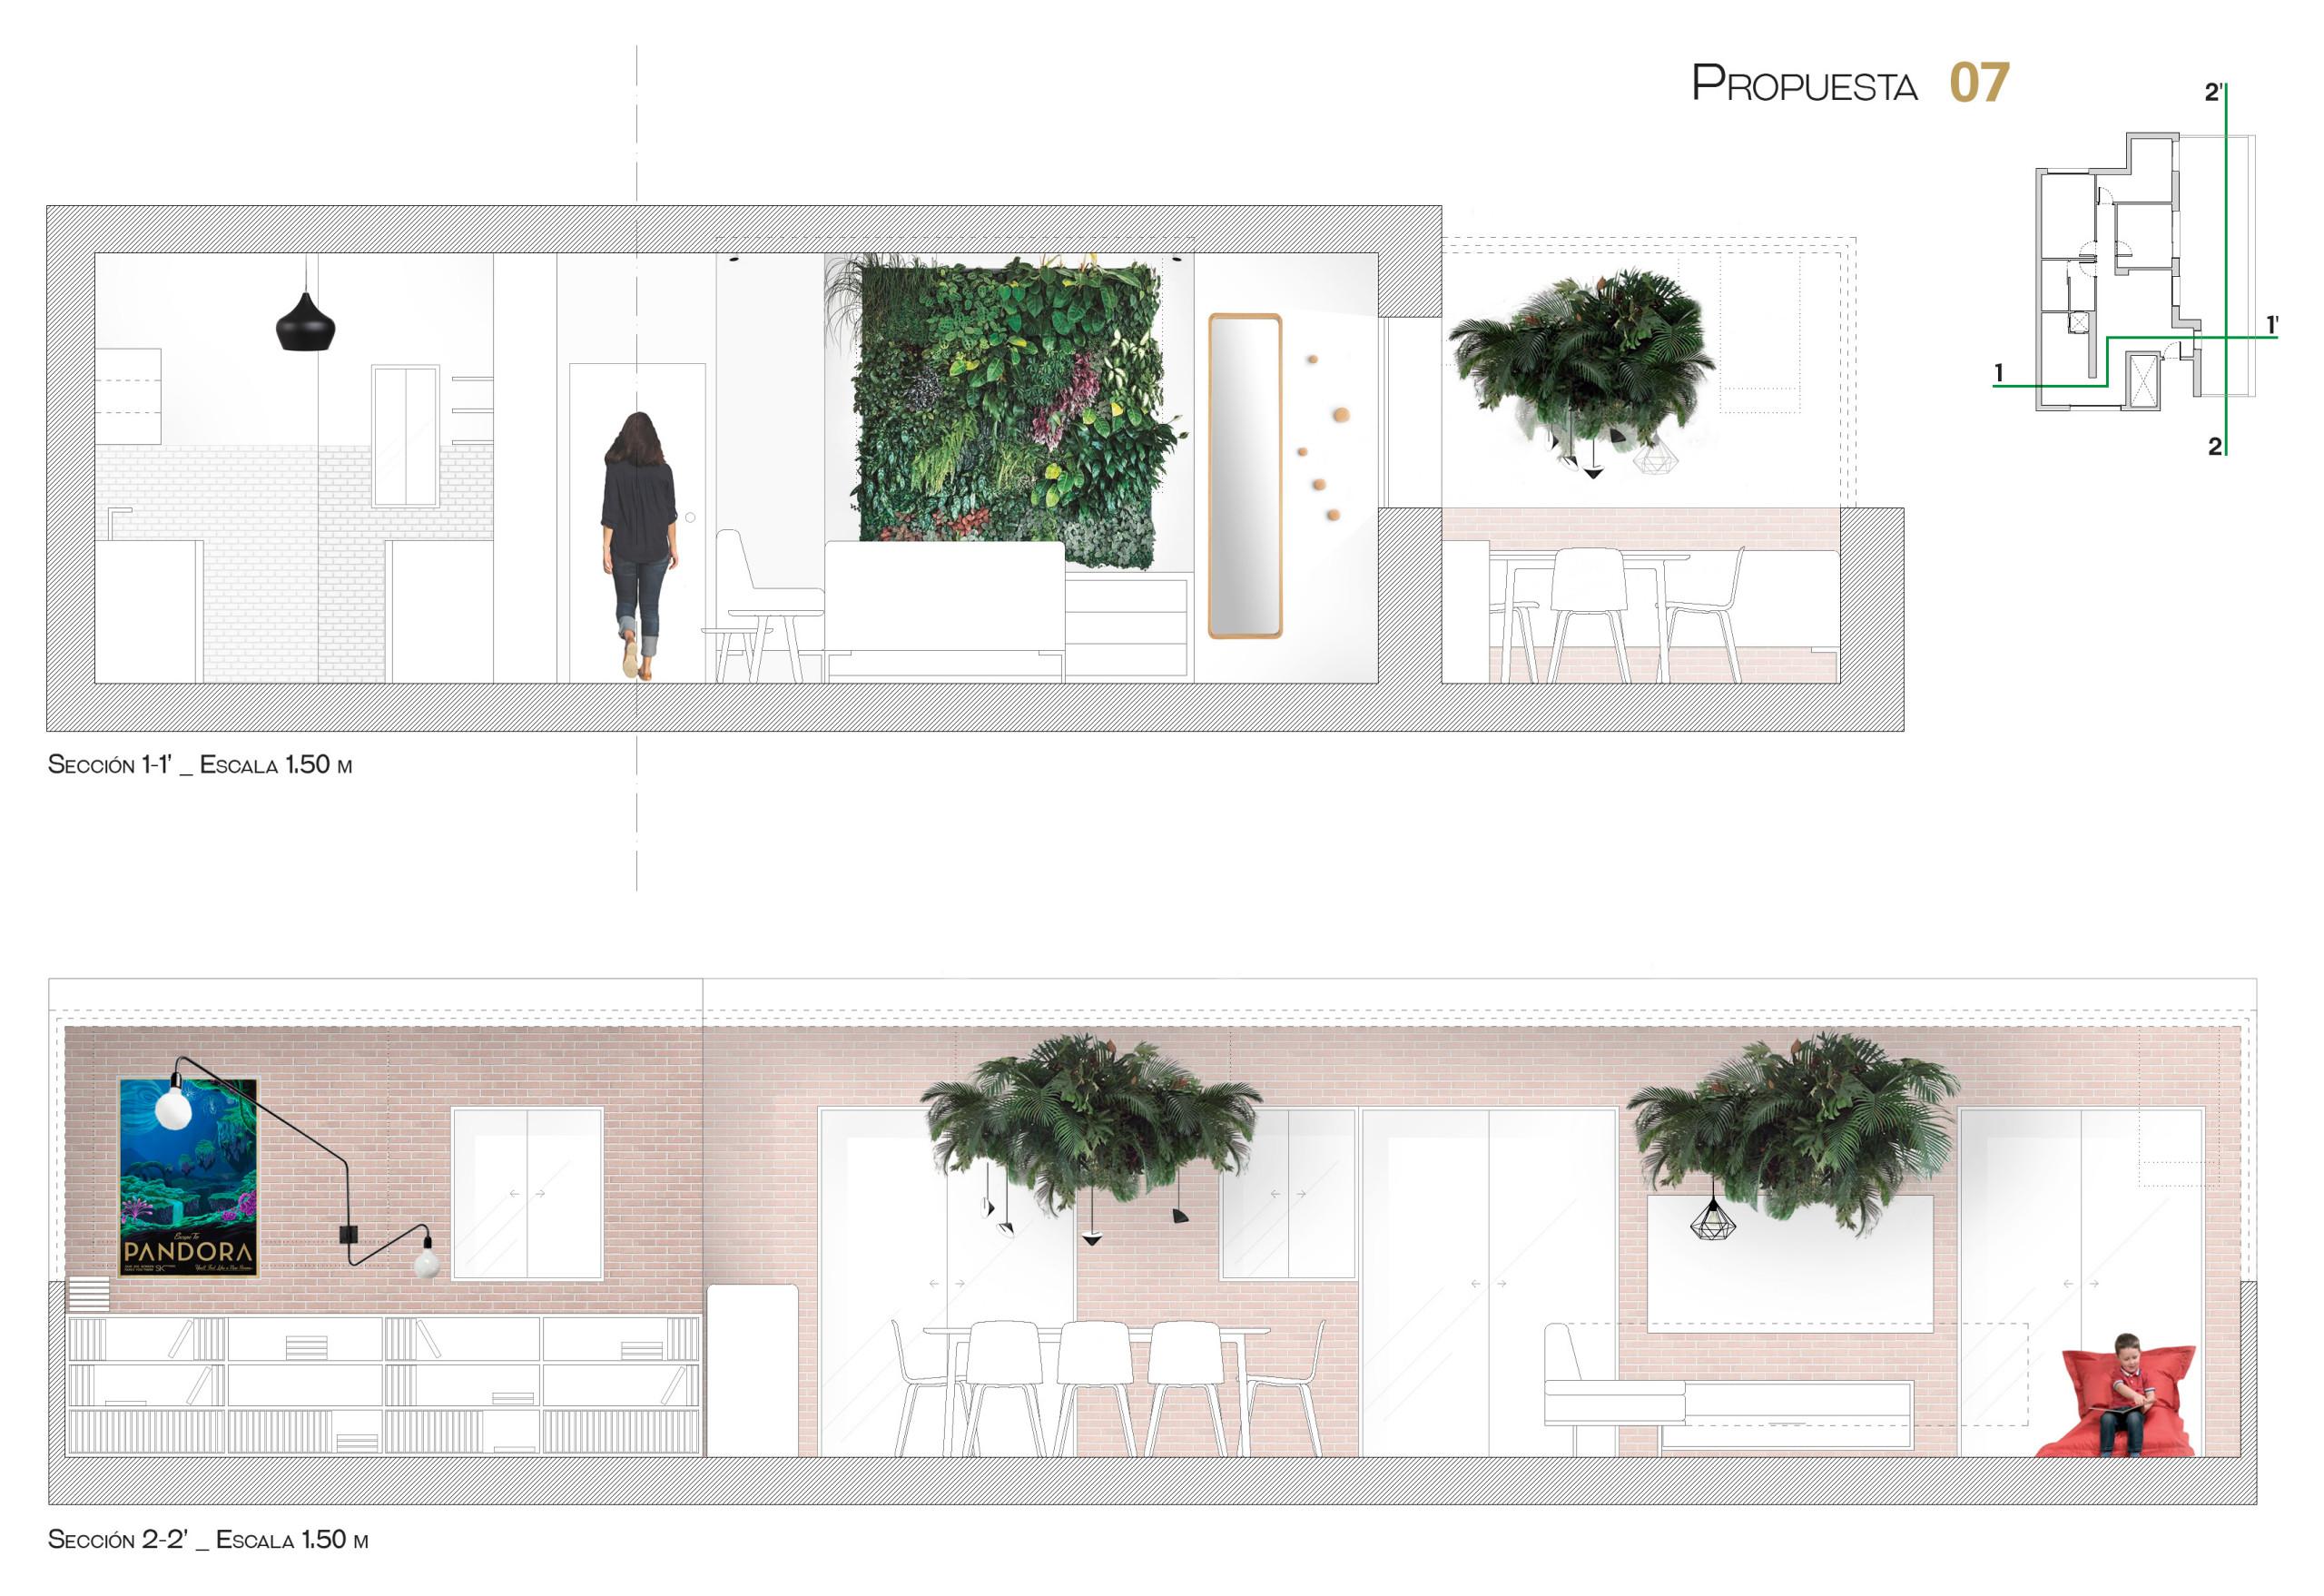 Propuesta de la vivienda - Secciones